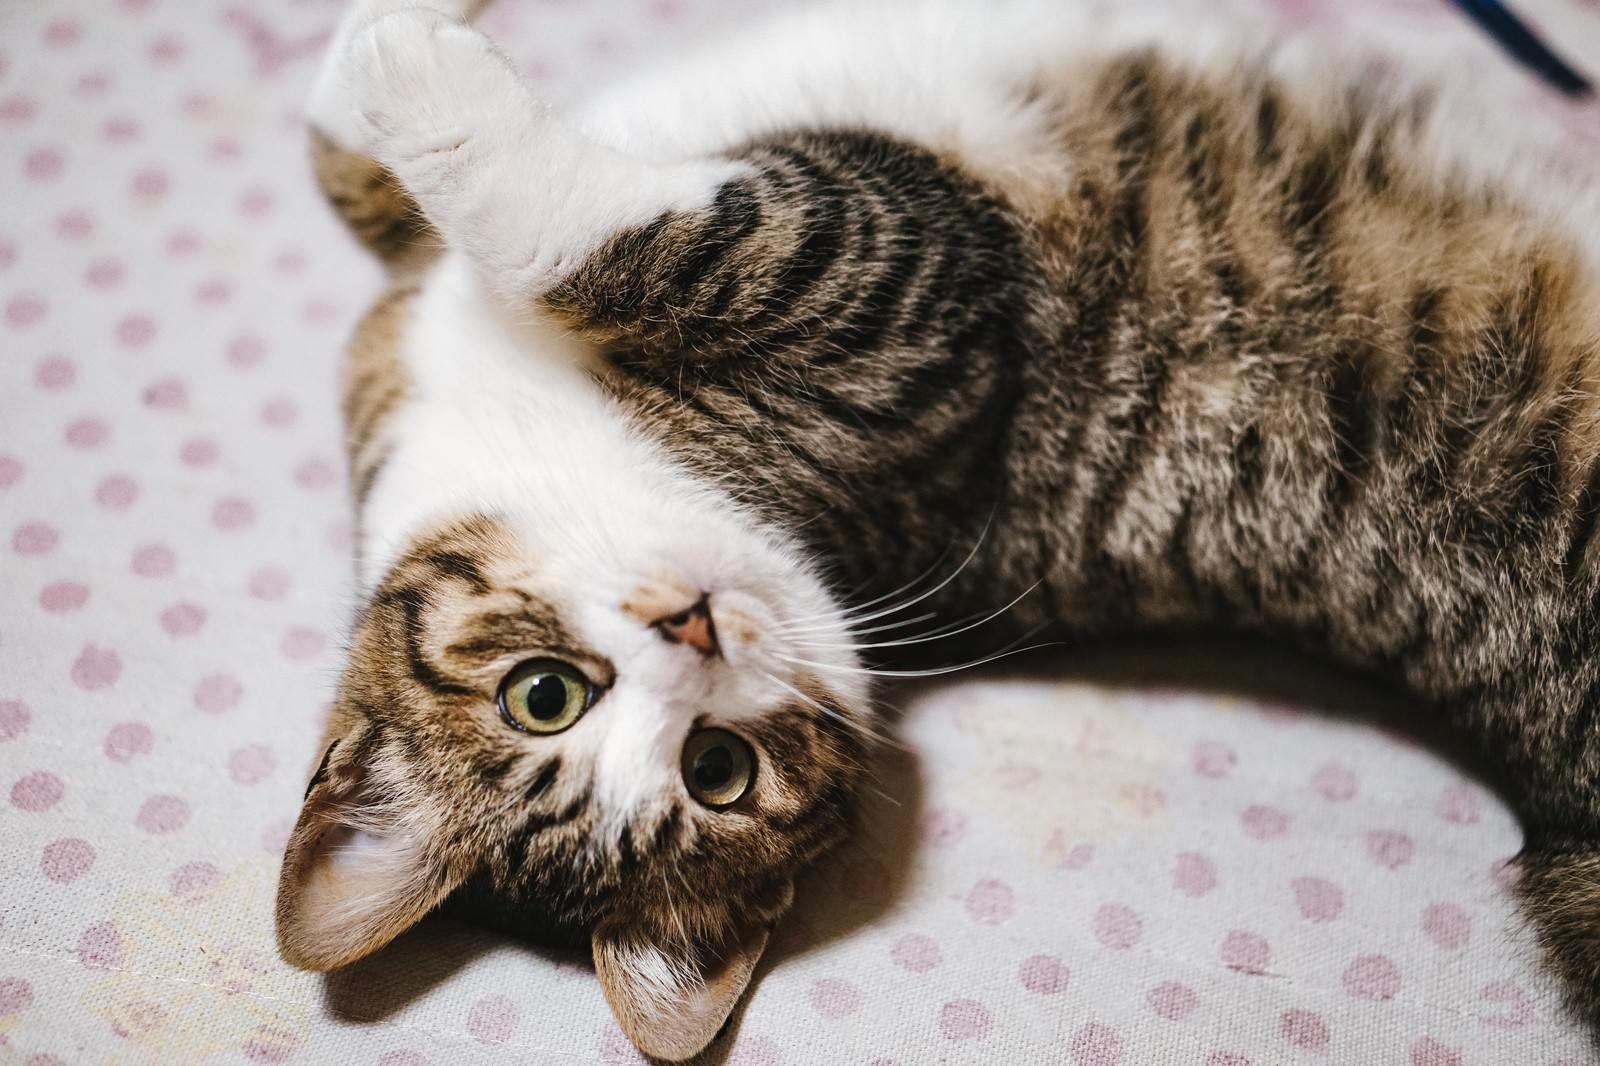 「許してニャンポーズをとるキジ白猫」の写真